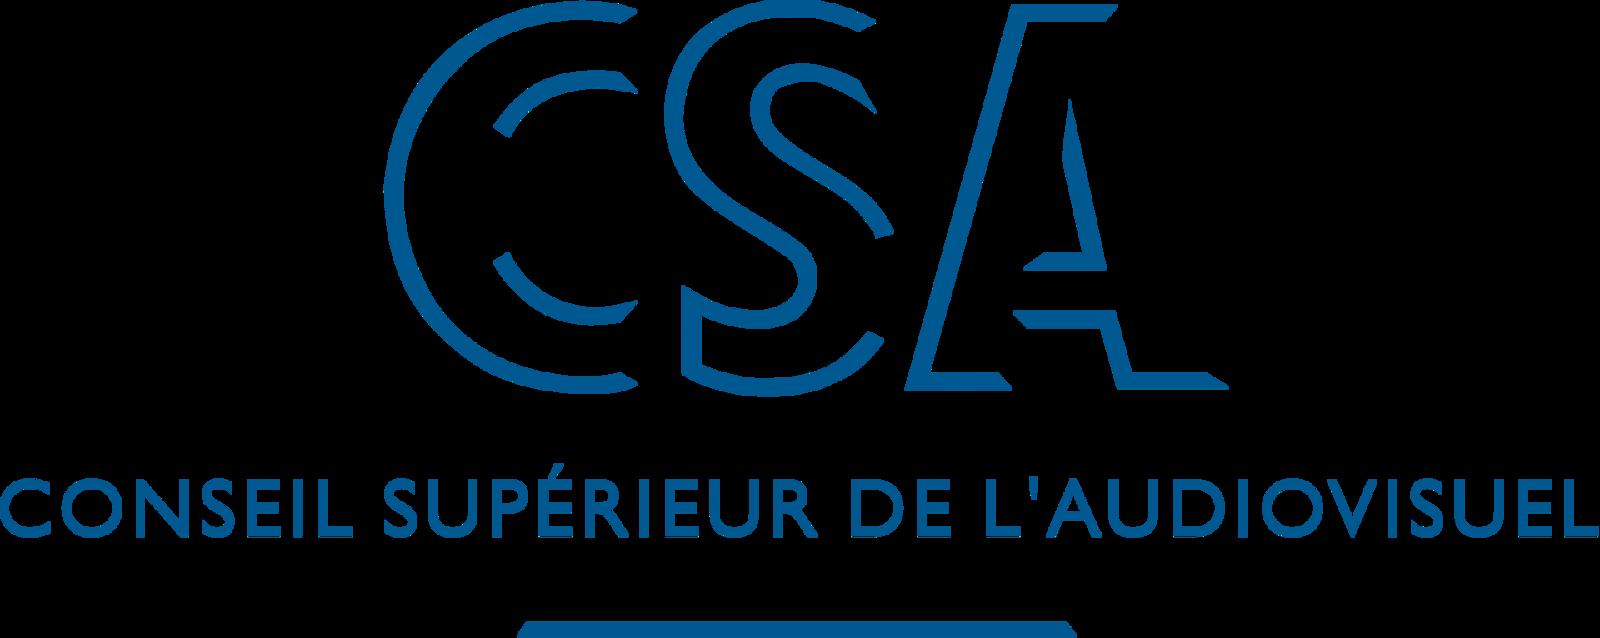 Saint-Barthélemy : Liste des candidats dont le dossier est recevable (CSA - Radio)